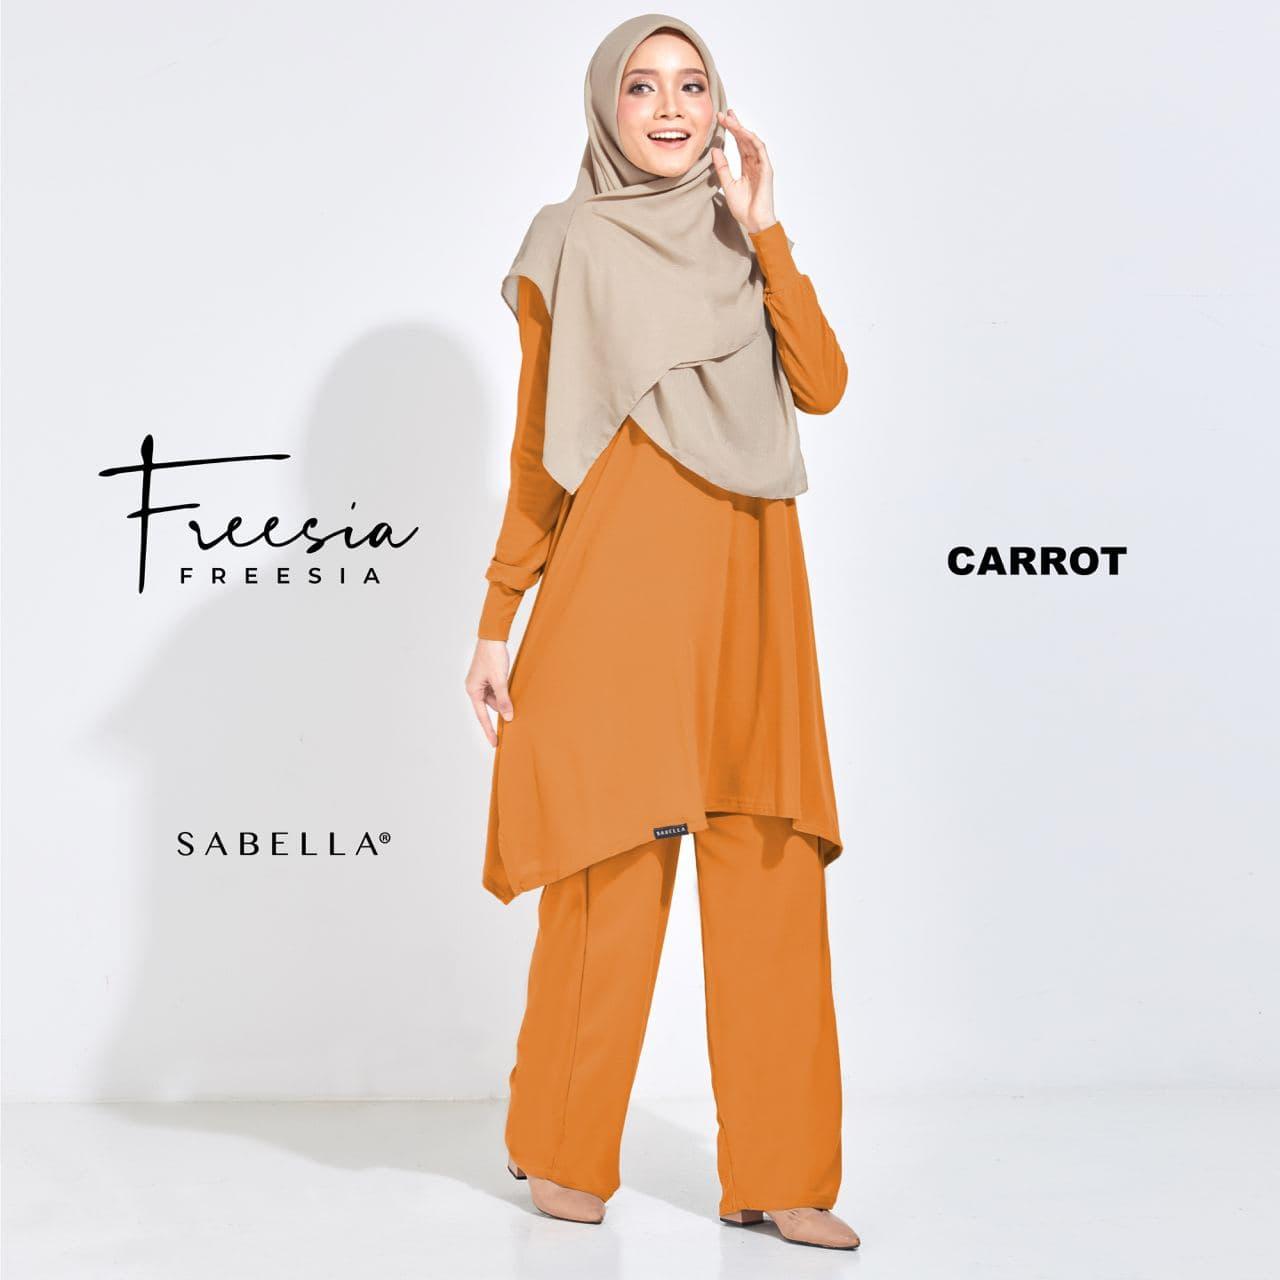 Freesia Carrot